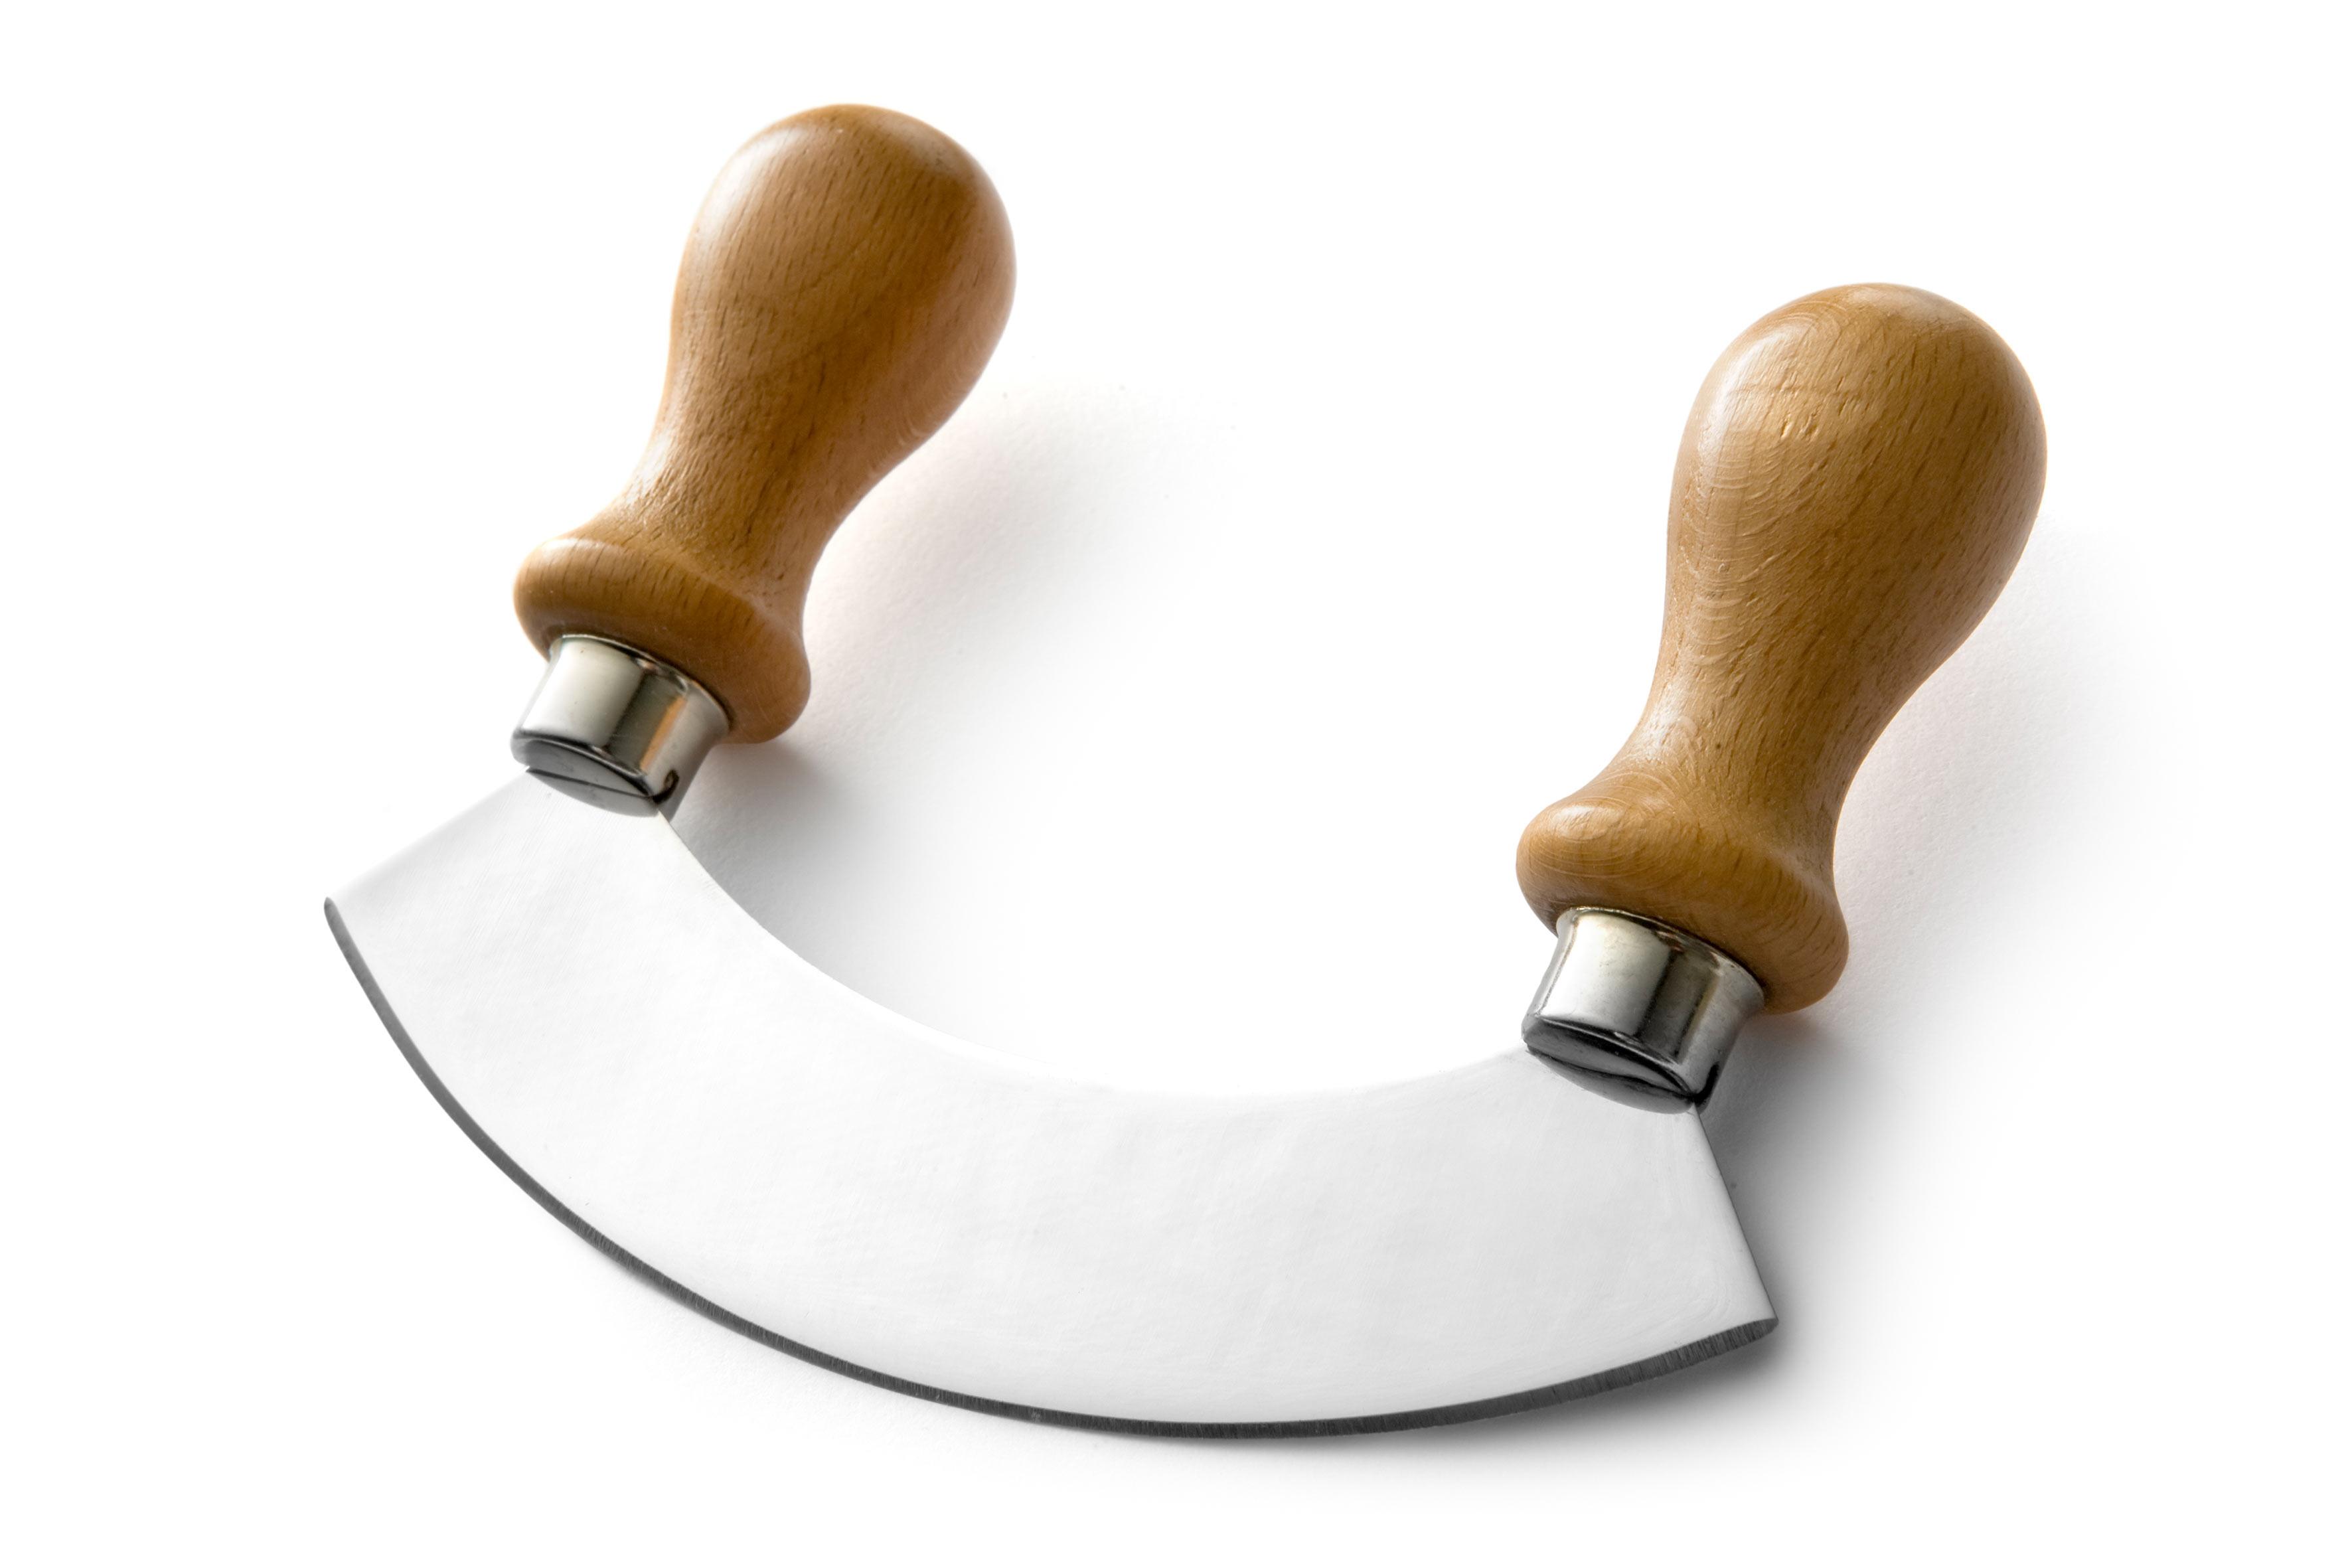 Messer Und Scheren Scharfen Schleifen Lassen In Munchen